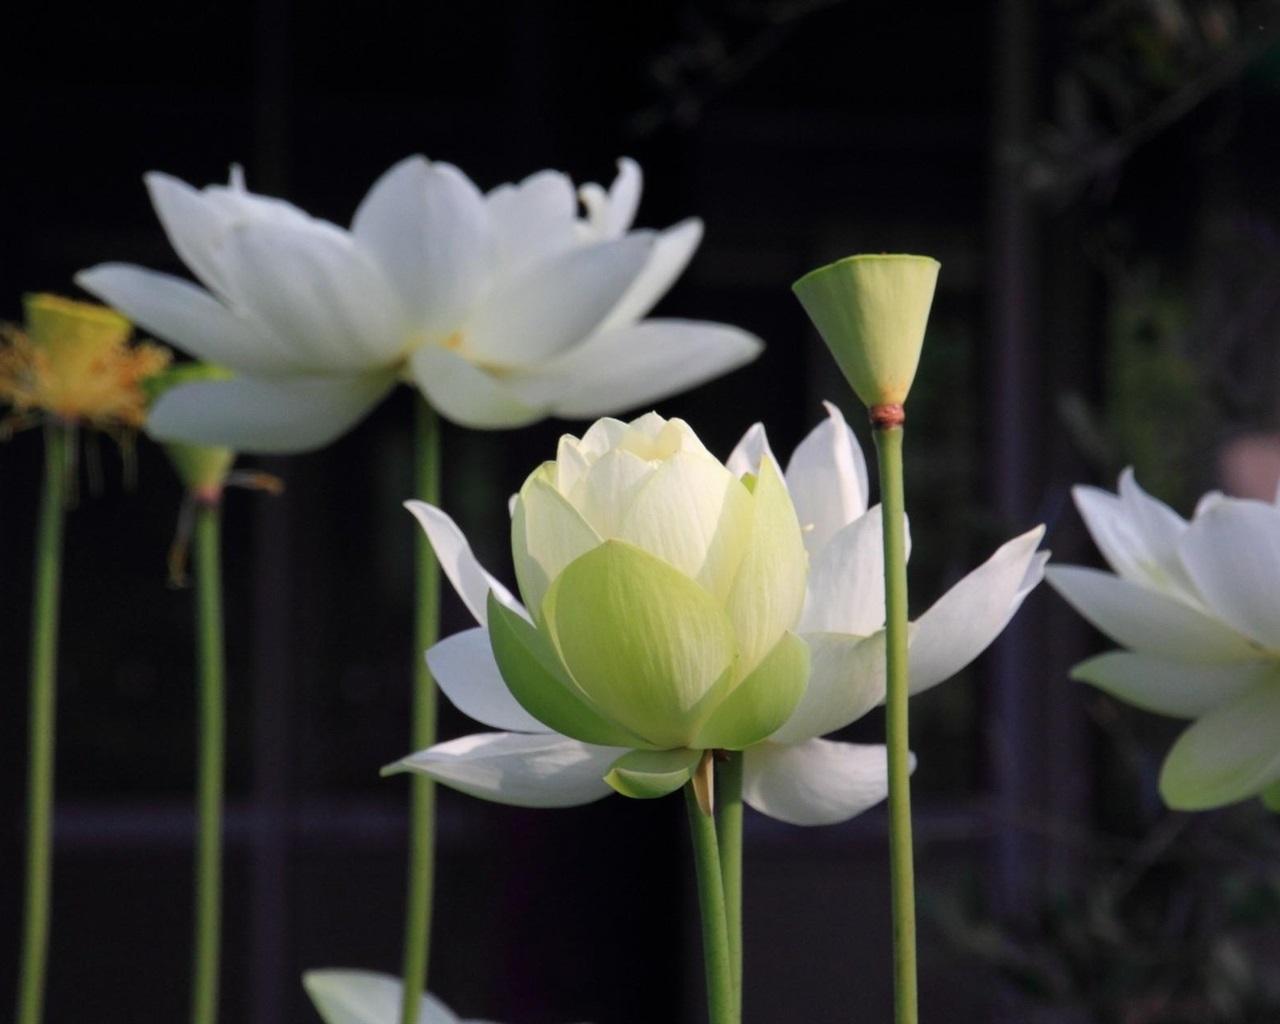 下载壁纸 1280x1024 白莲花,茎 桌面背景图片